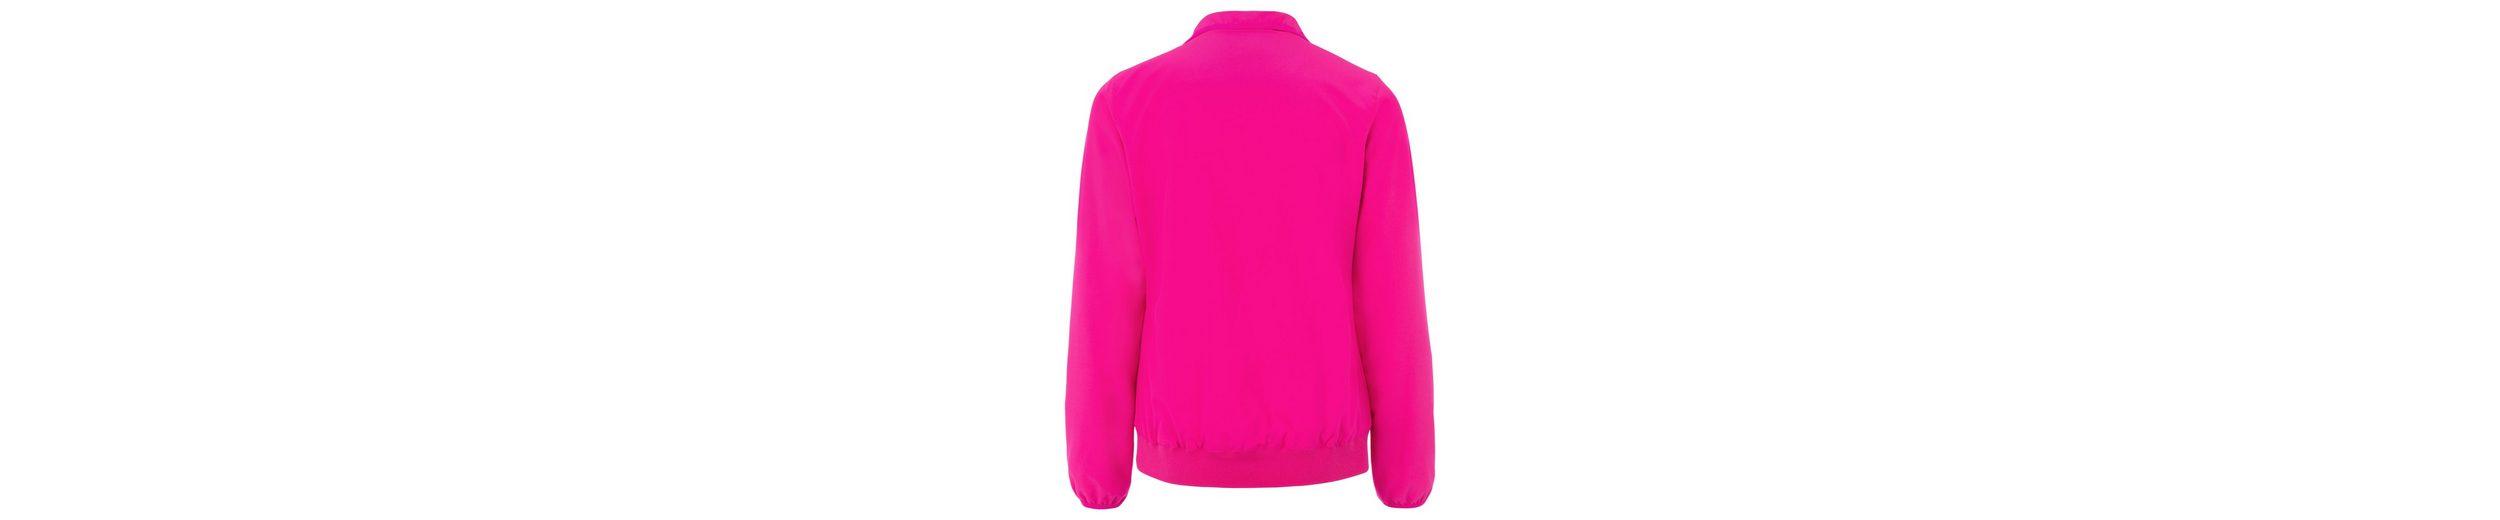 BIDI BADU Trainingsjacke in einzigartigem Style Liza Kaufen Billig Zu Kaufen  Wie Viel Online Bestellen N4E4y